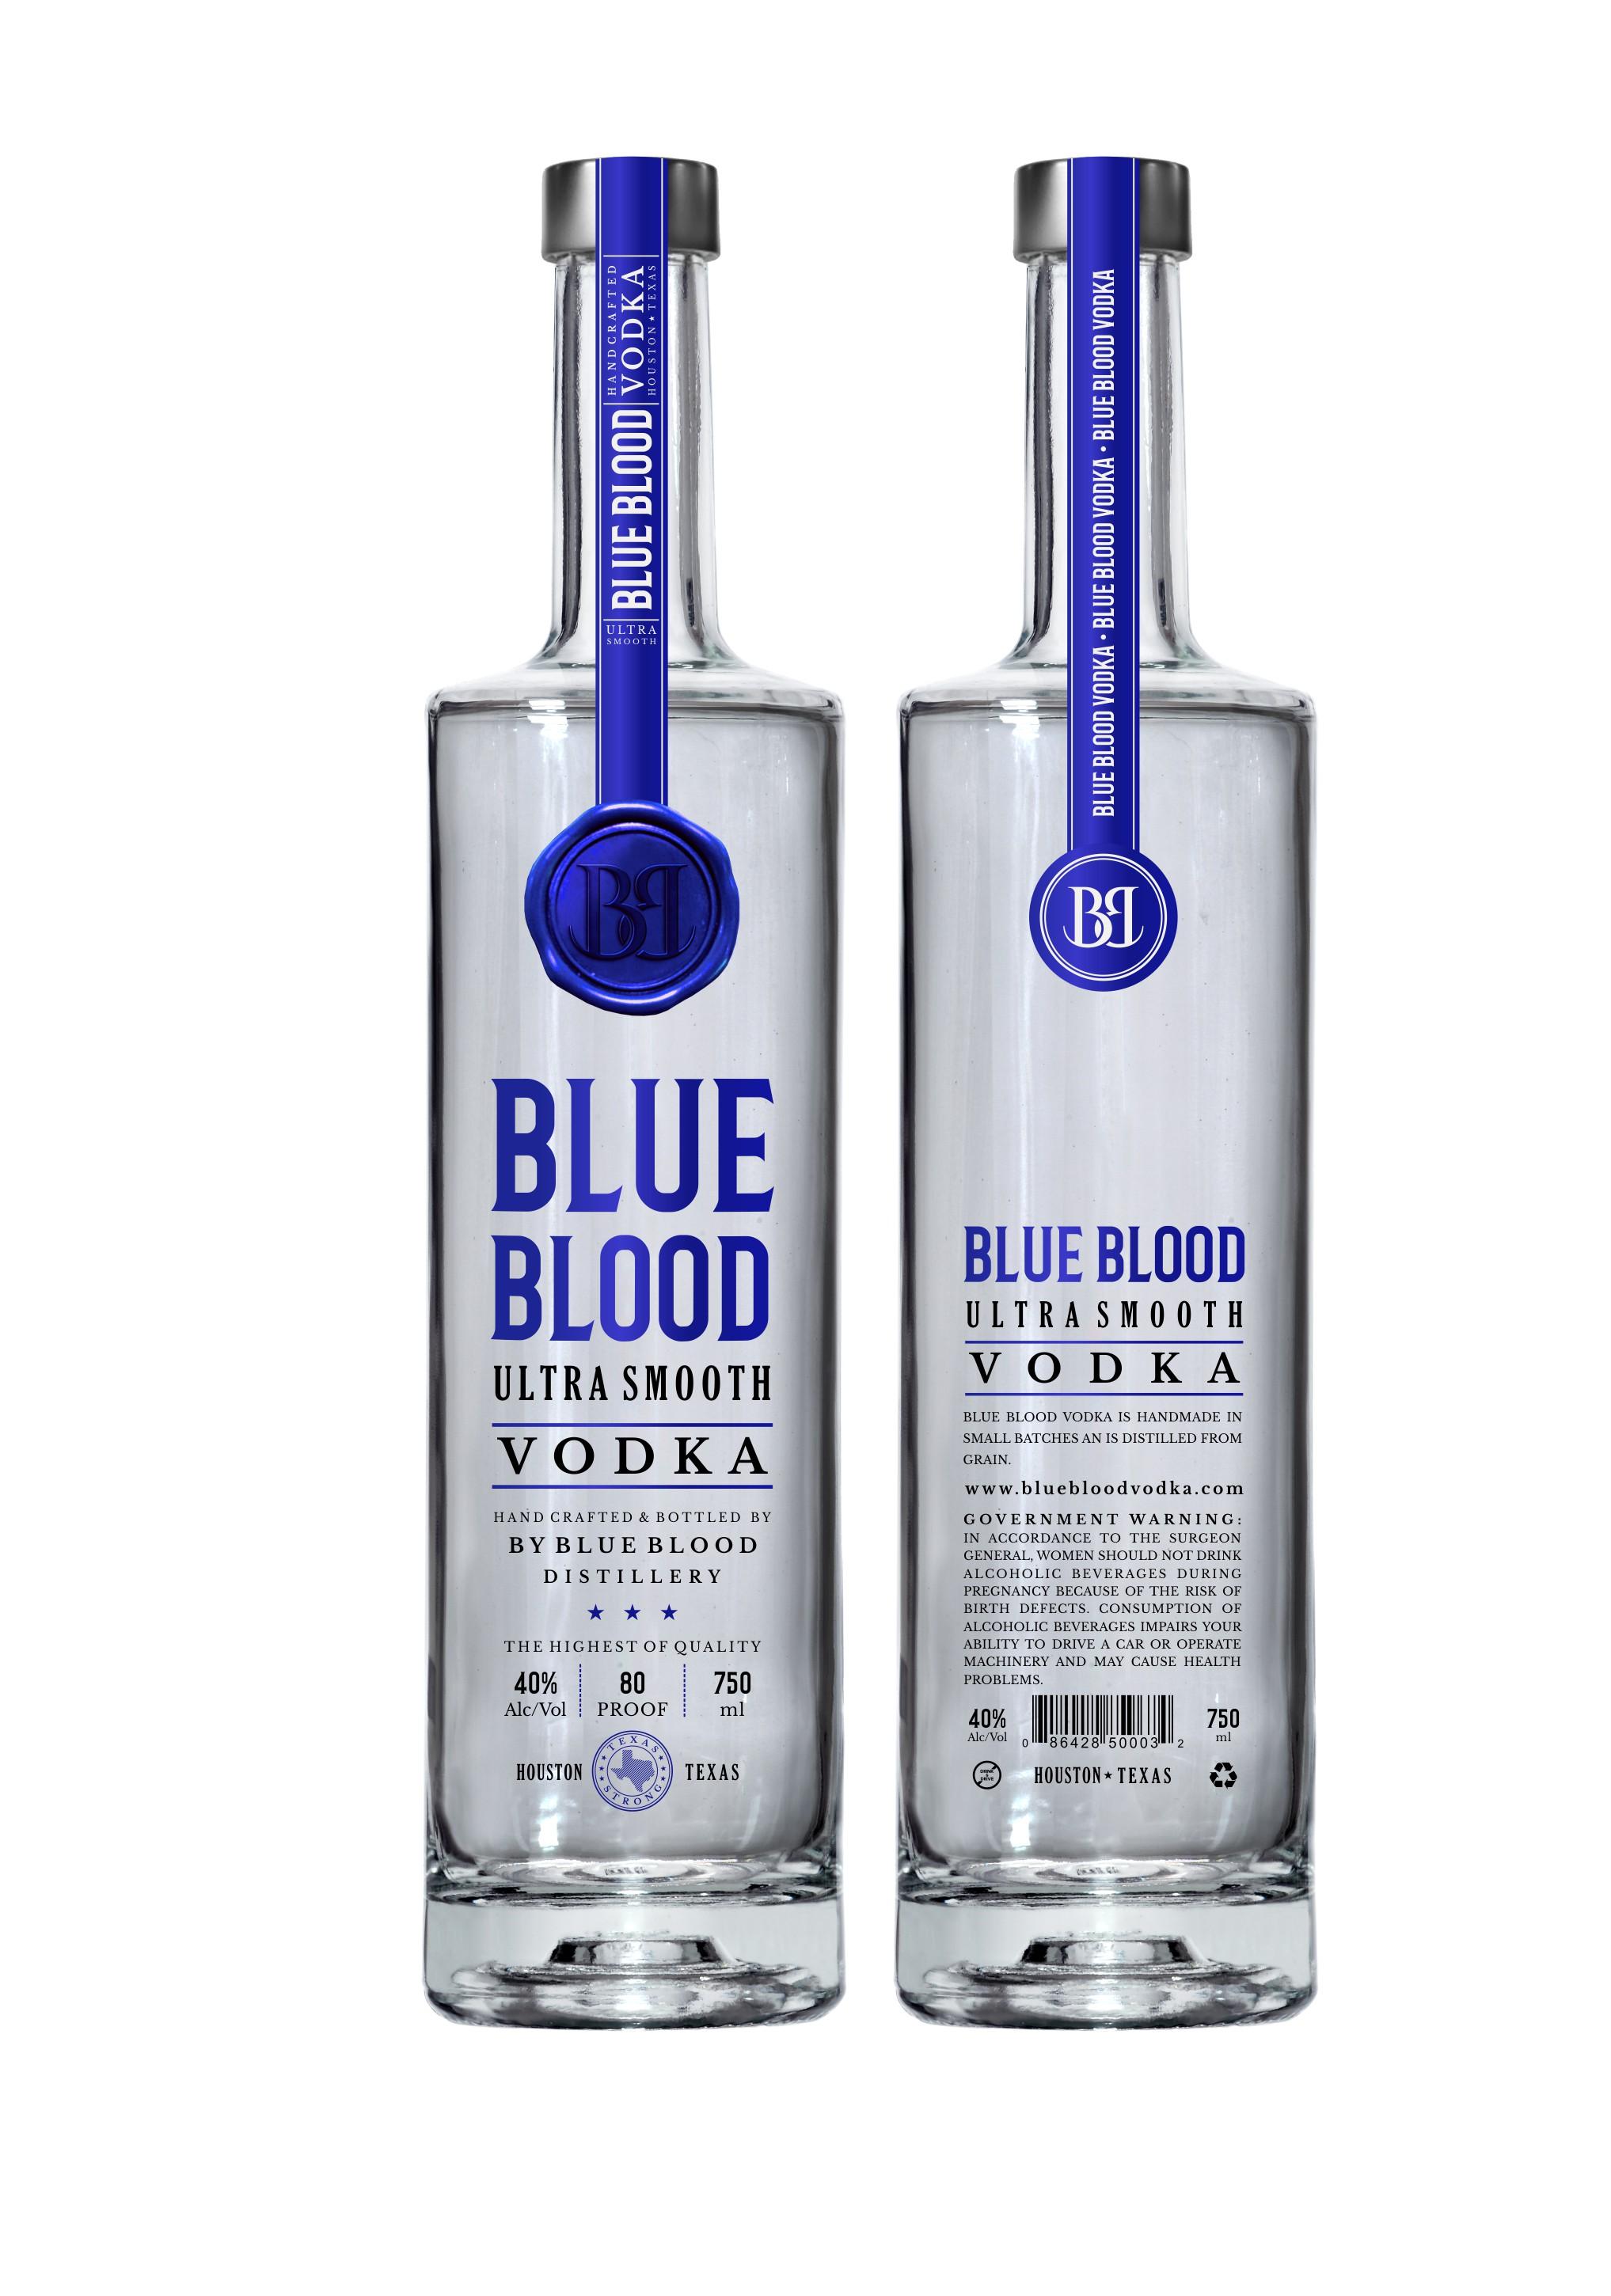 Aristocratic Label for Blue Bood Vodka